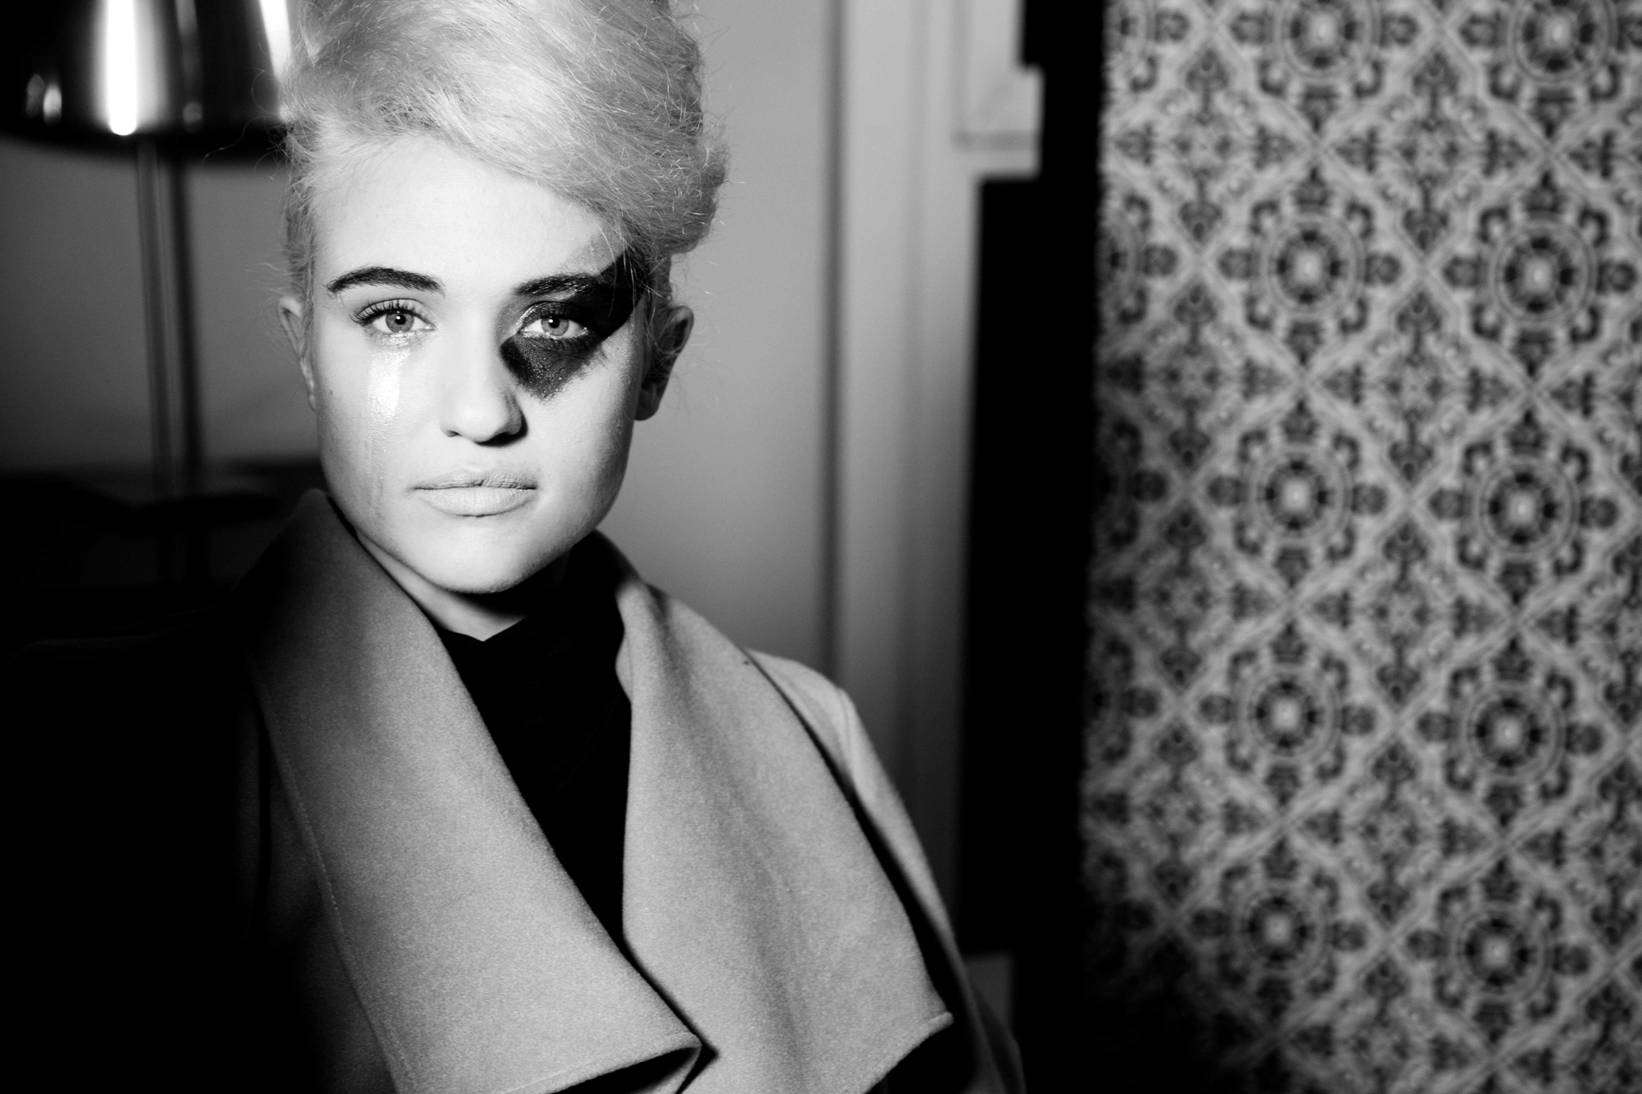 Fashion portraits by Alice Pastorelli